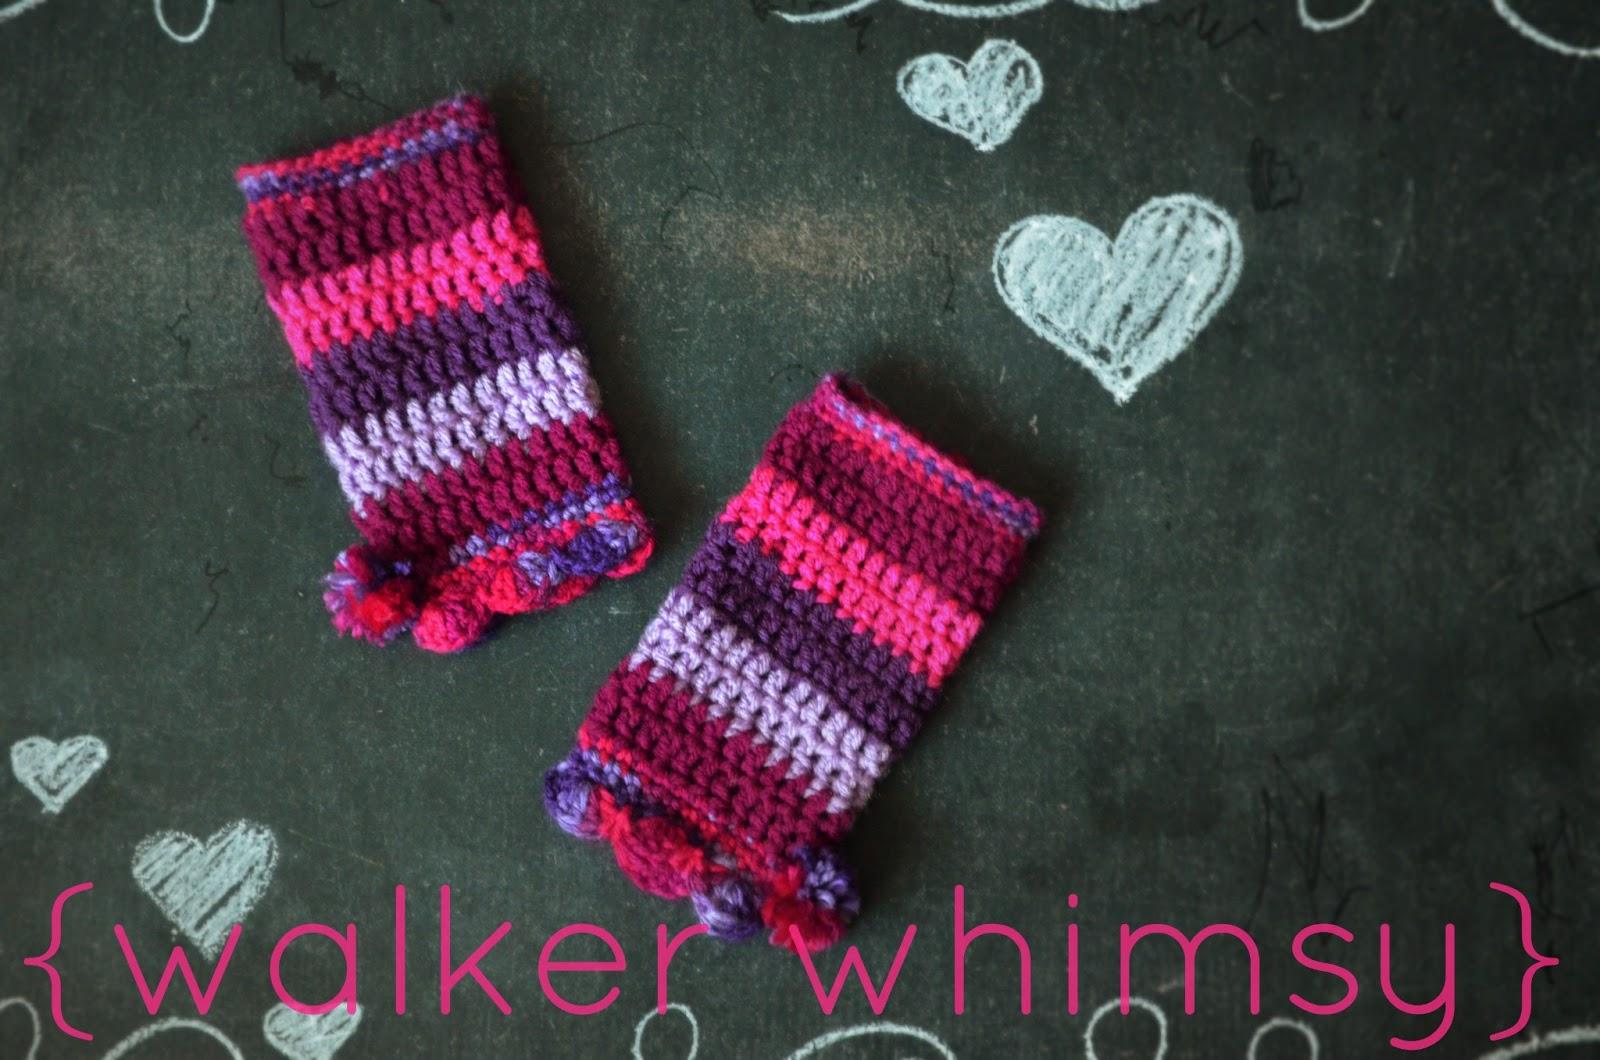 Crochet Baby Leg Warmers Pattern Free : {walker whimsy}: Striped Leg Warmers {FREE Crochet Pattern ...